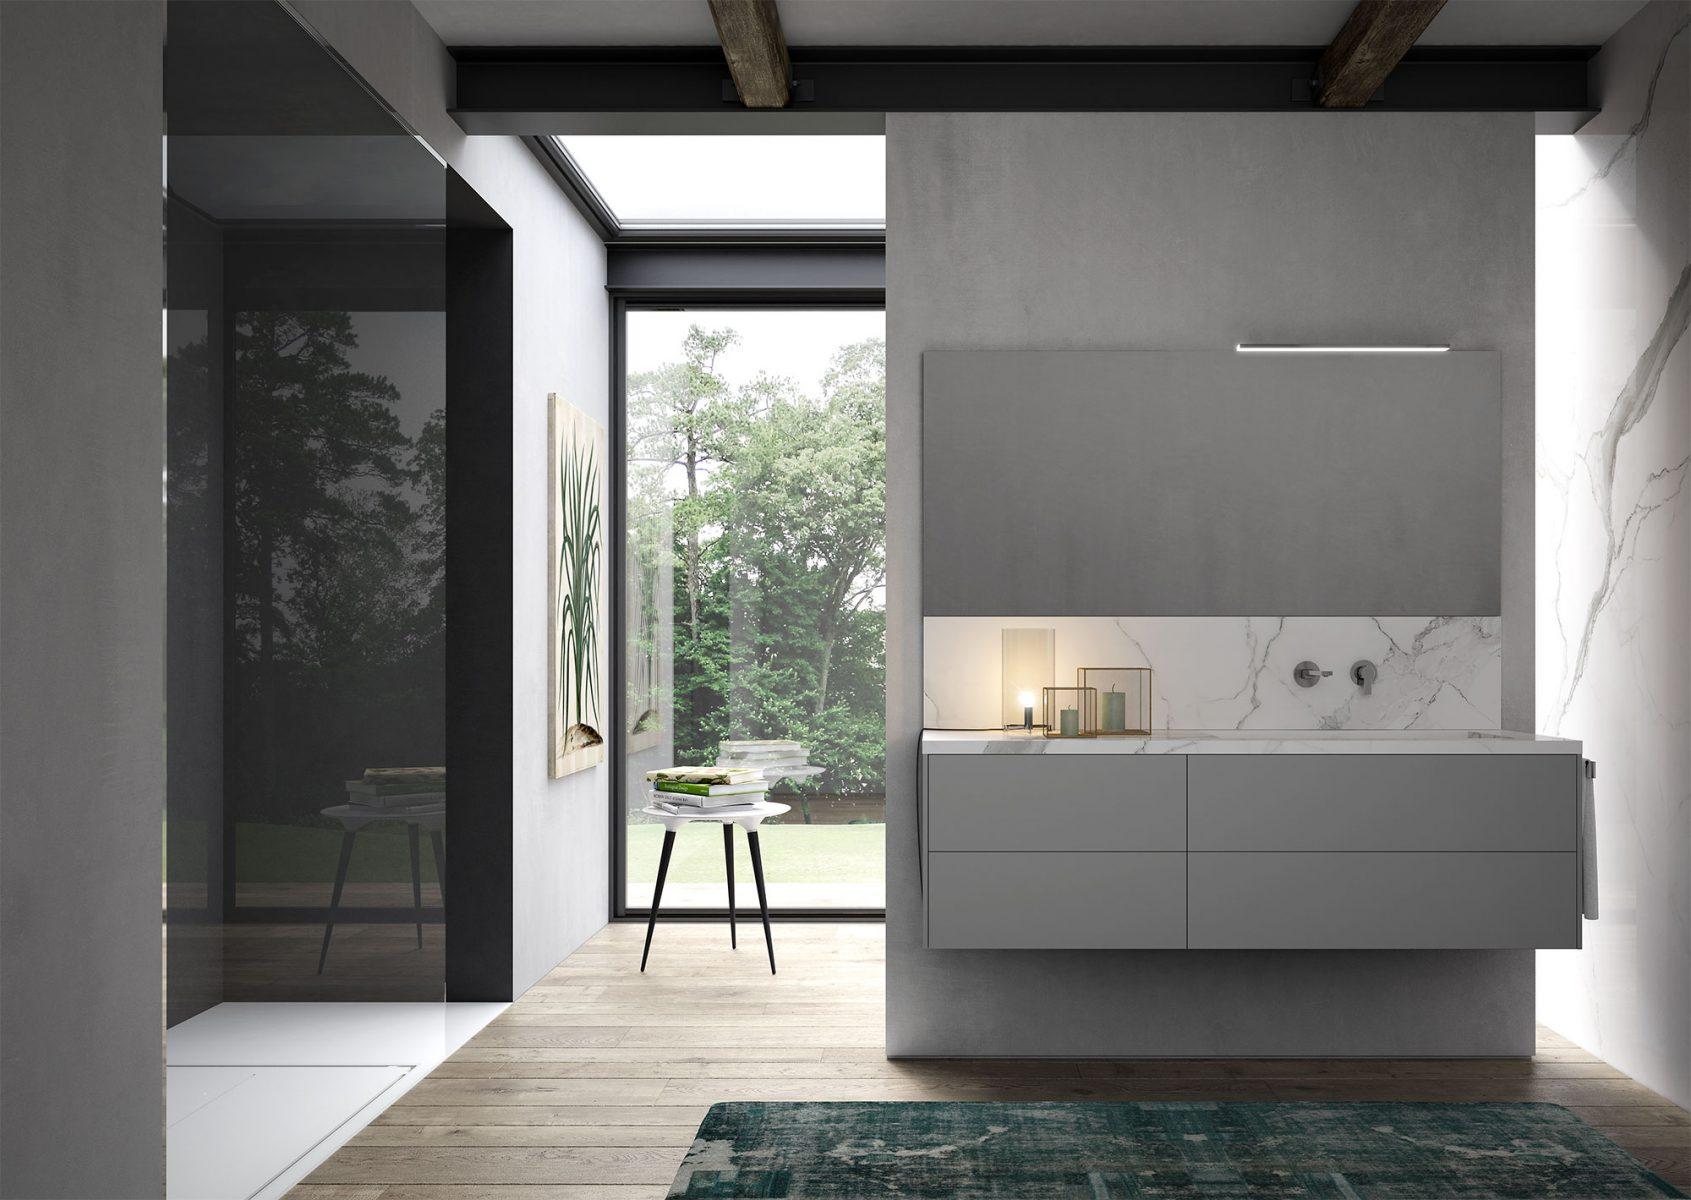 Sense arredo bagno moderno mobili bagno design ideagroup - Mobili del bagno ...